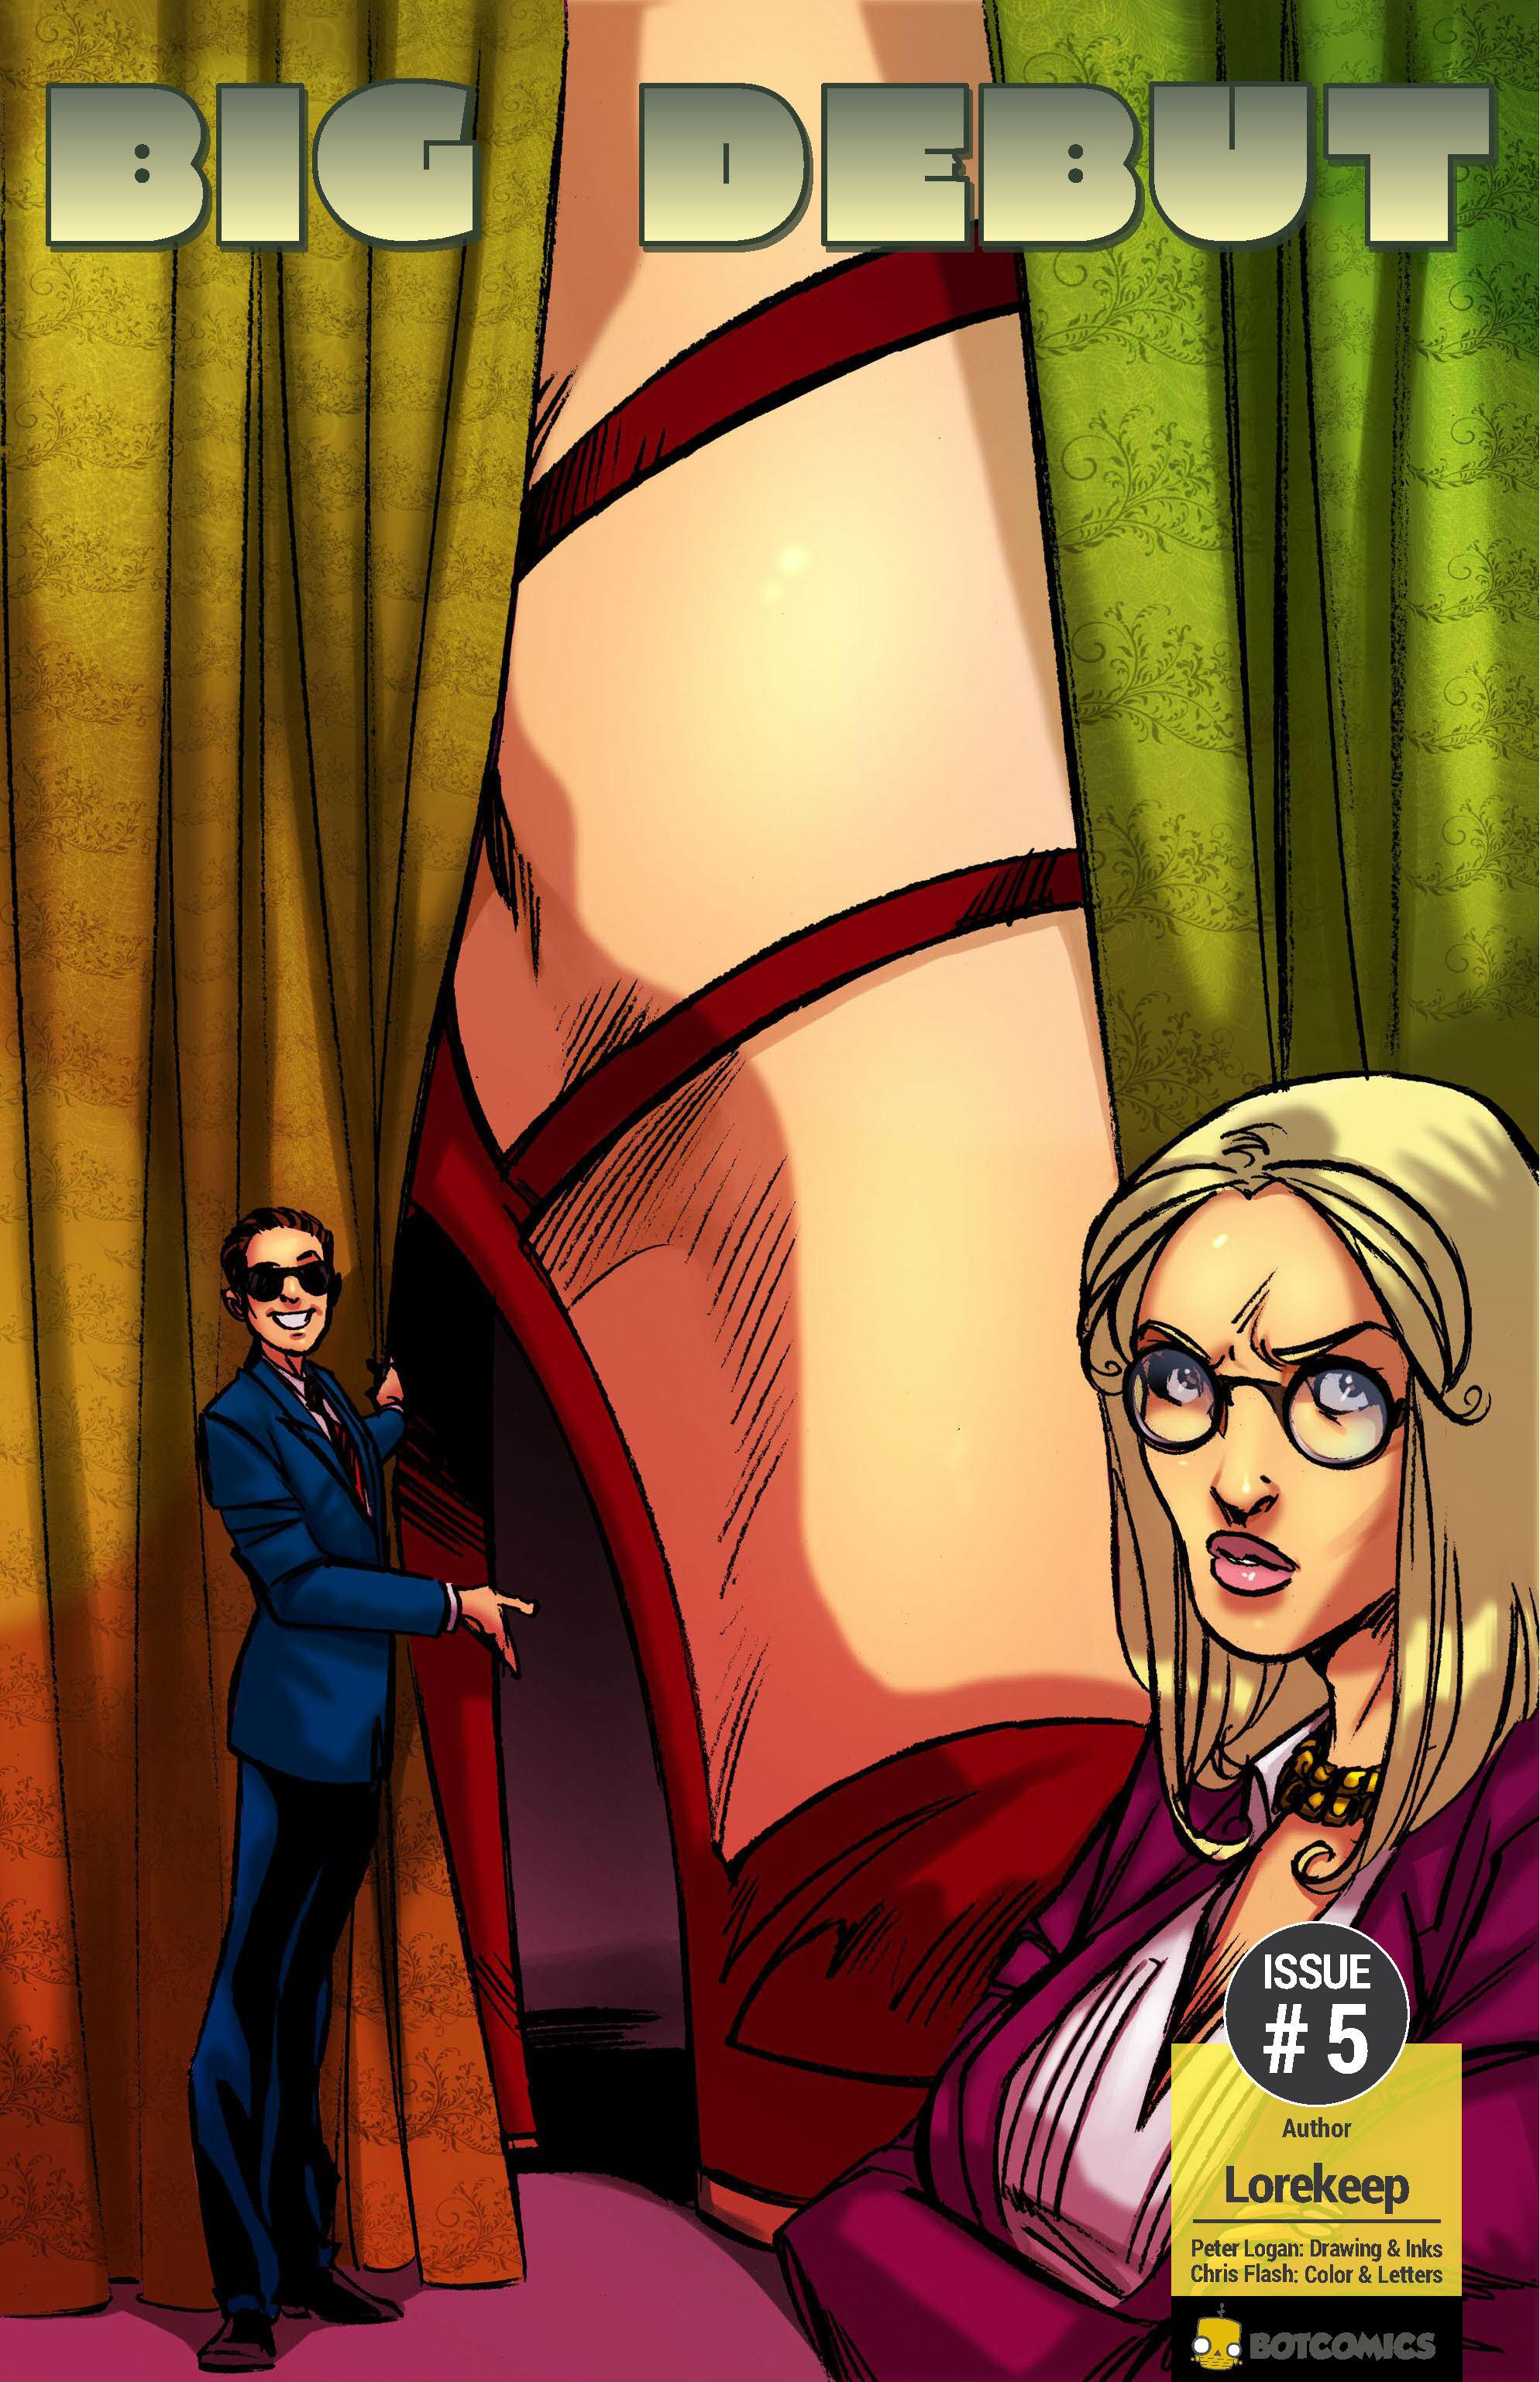 порно комиксы миссис киган № 350338 бесплатно